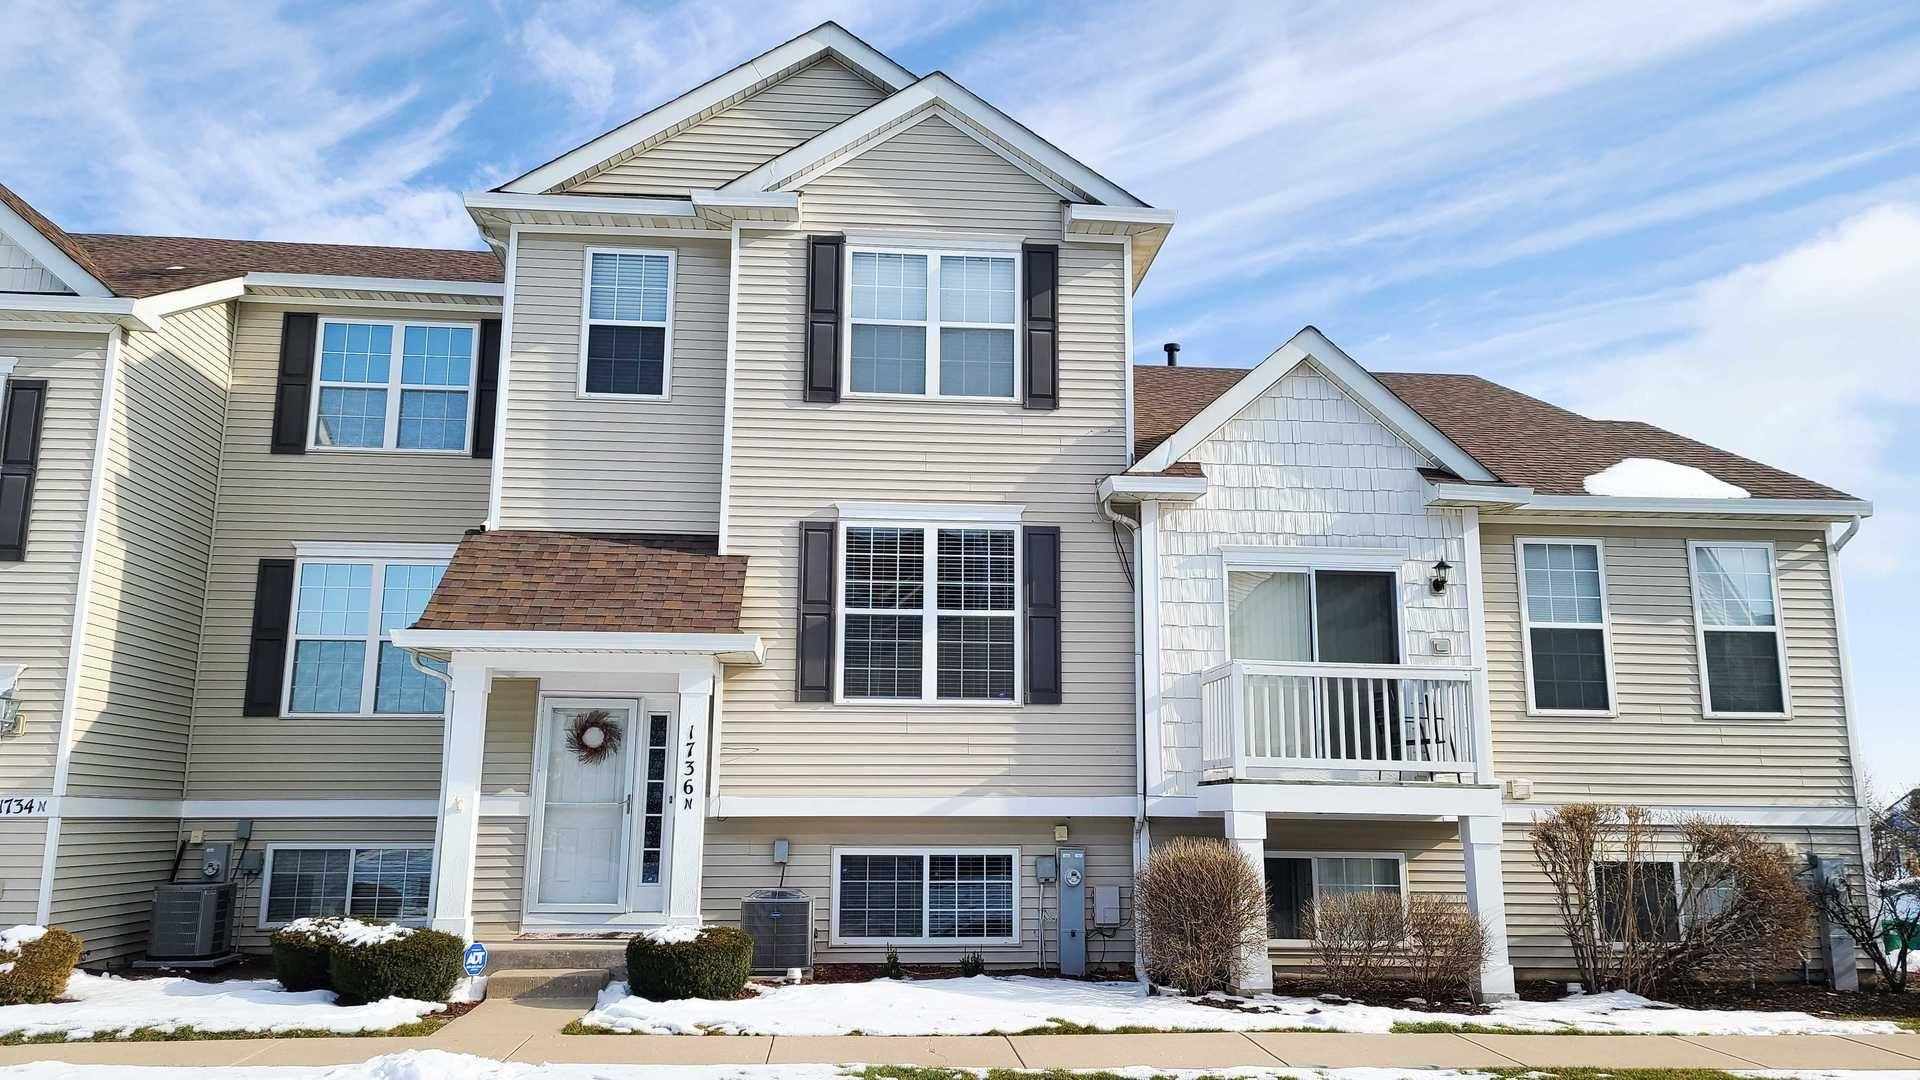 Photo of 1736 Fieldstone Drive N, Shorewood, IL 60404 (MLS # 10971405)